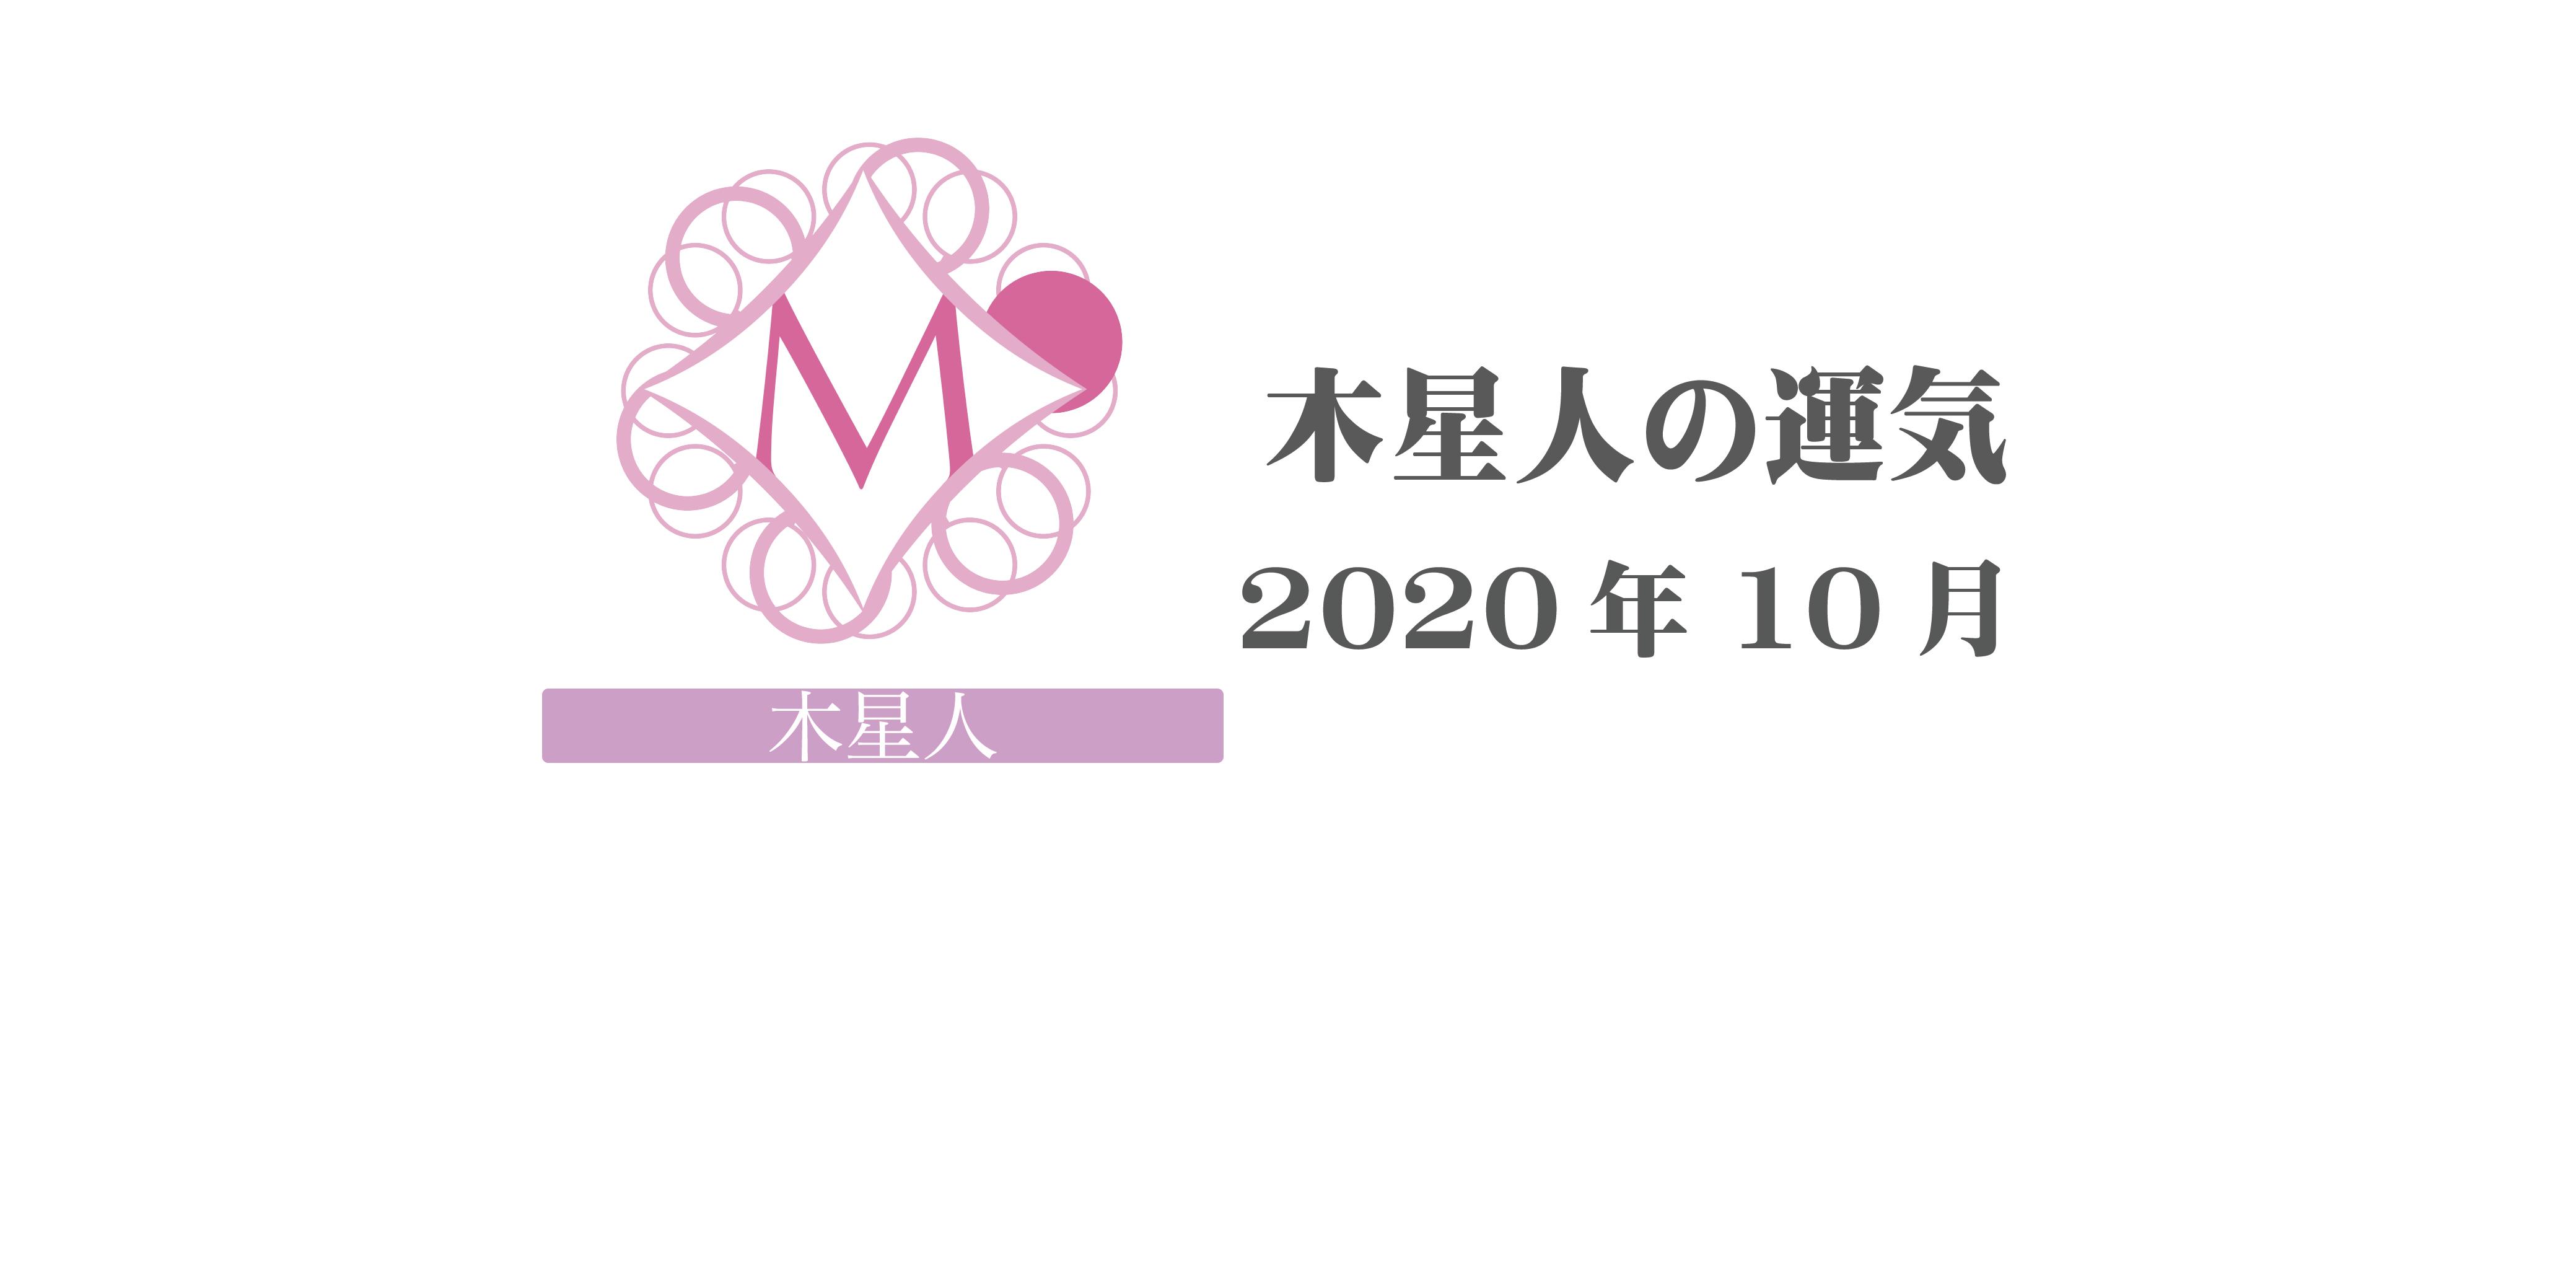 2020 マイナス 天王星 人